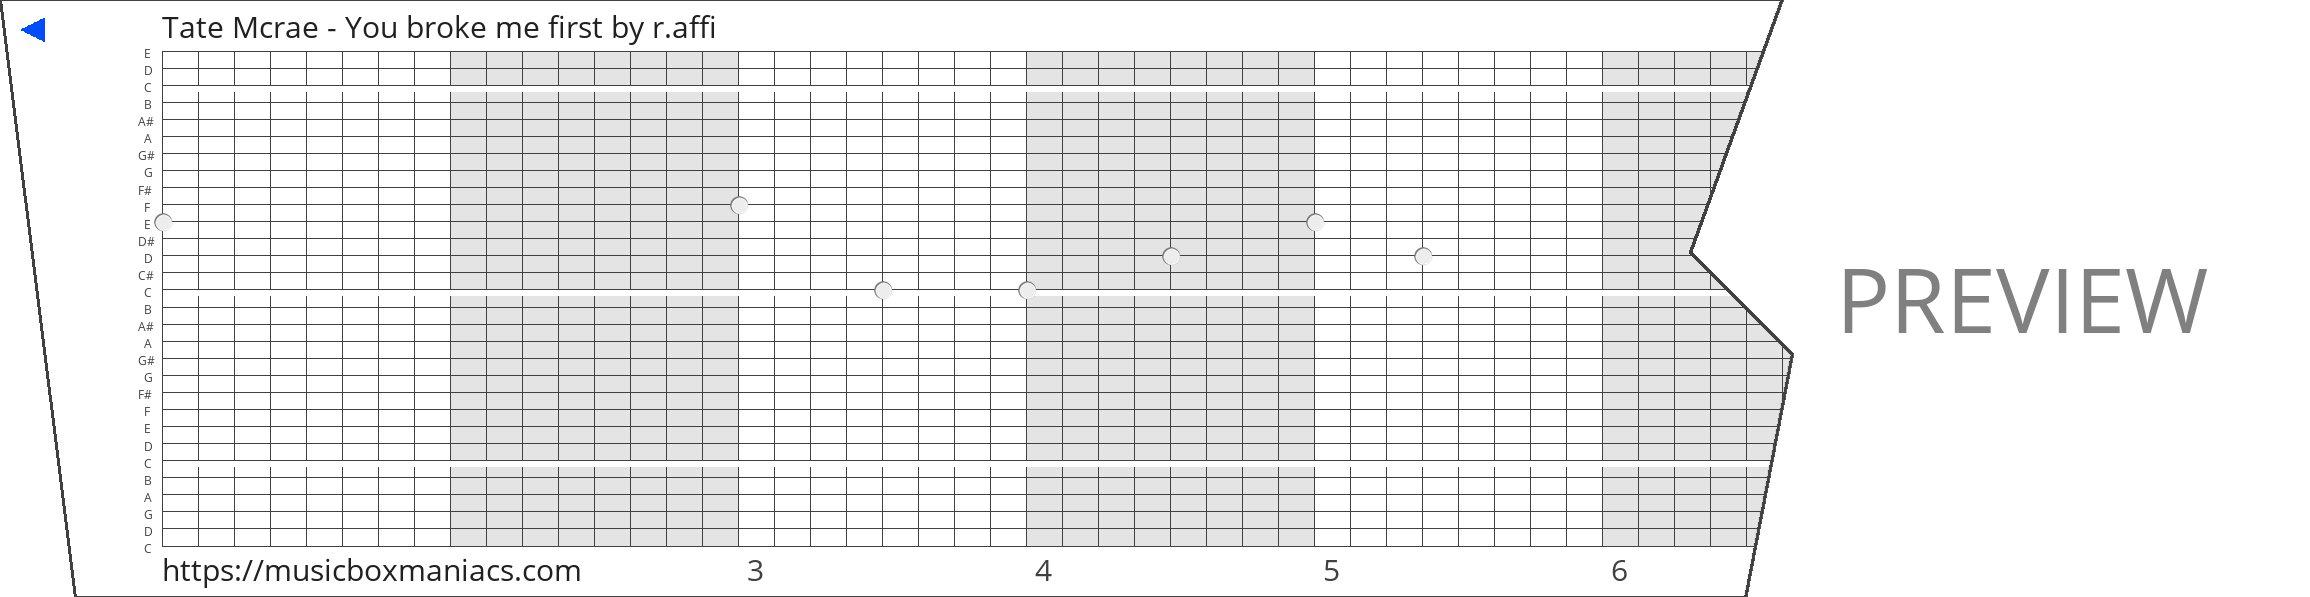 Tate Mcrae - You broke me first 30 note music box paper strip